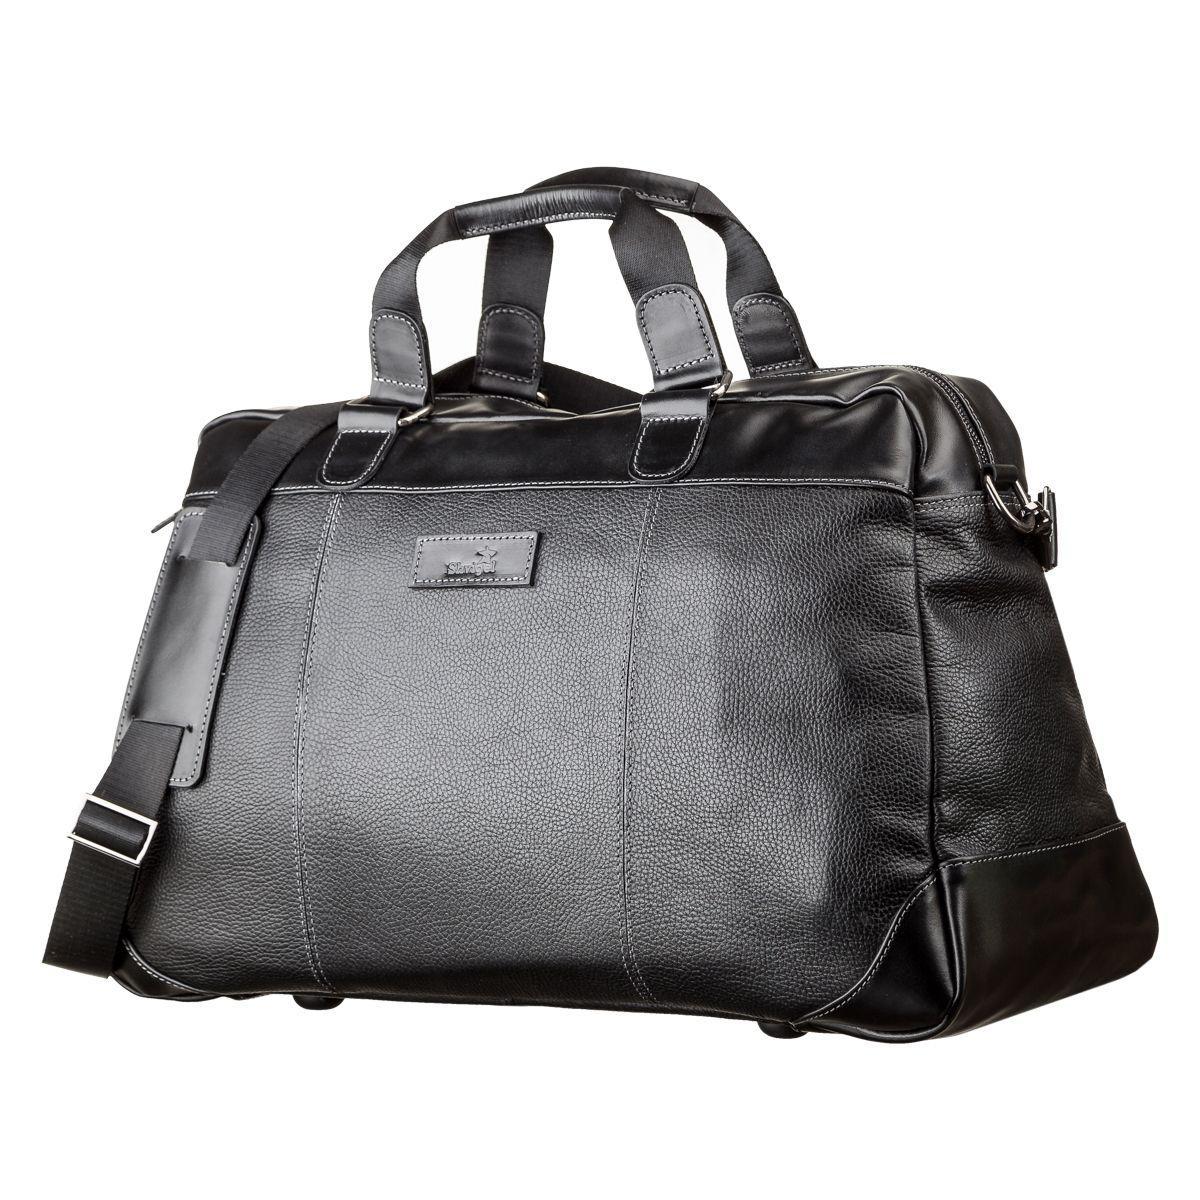 Дорожная сумка SHVIGEL 11120 кожаная Черная, Черный